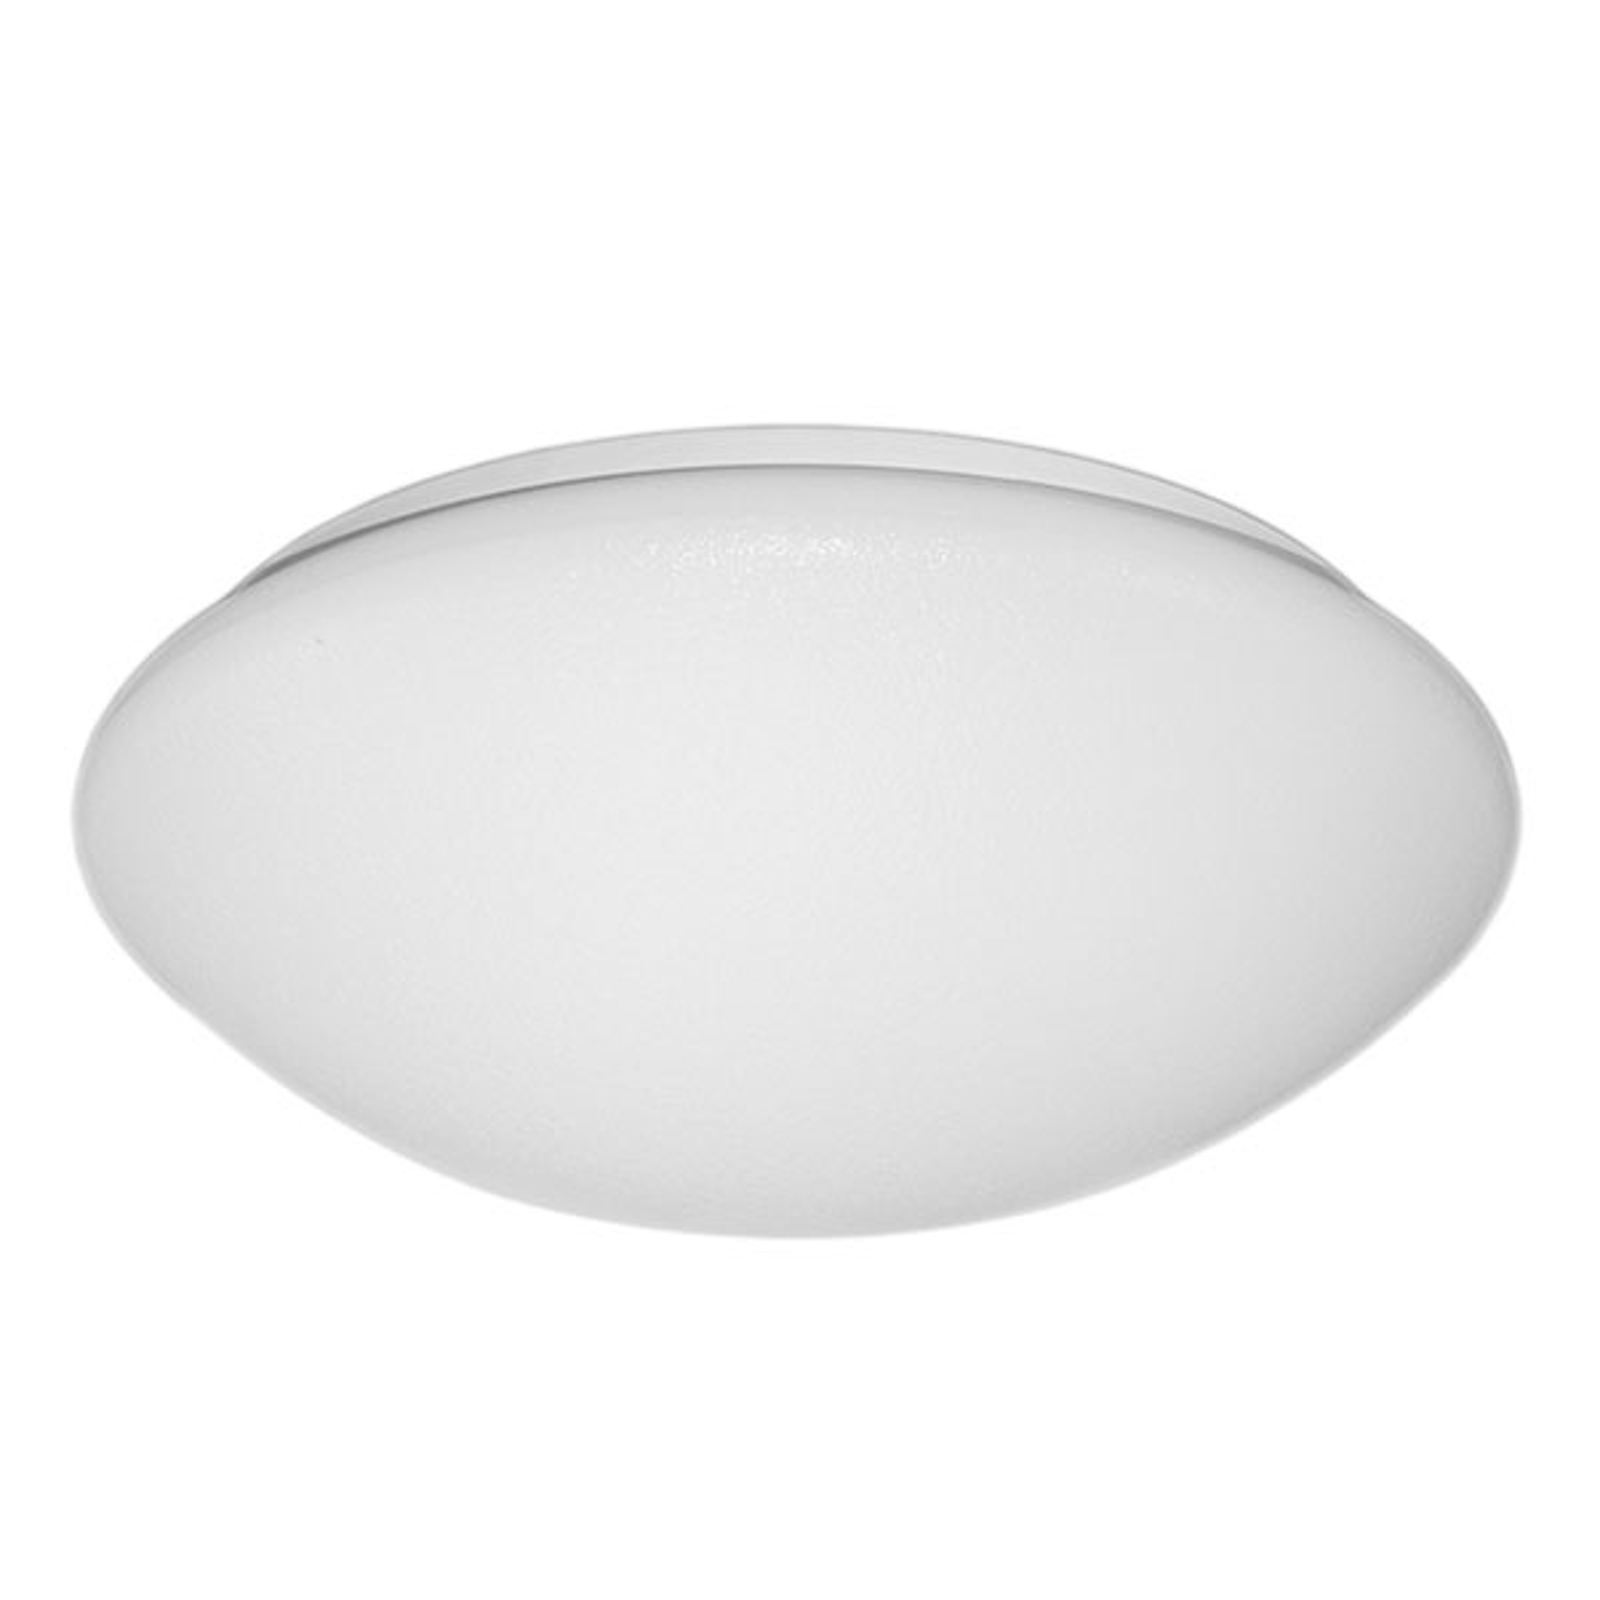 Grand plafonnier LED résilient 35 W, 4000 K